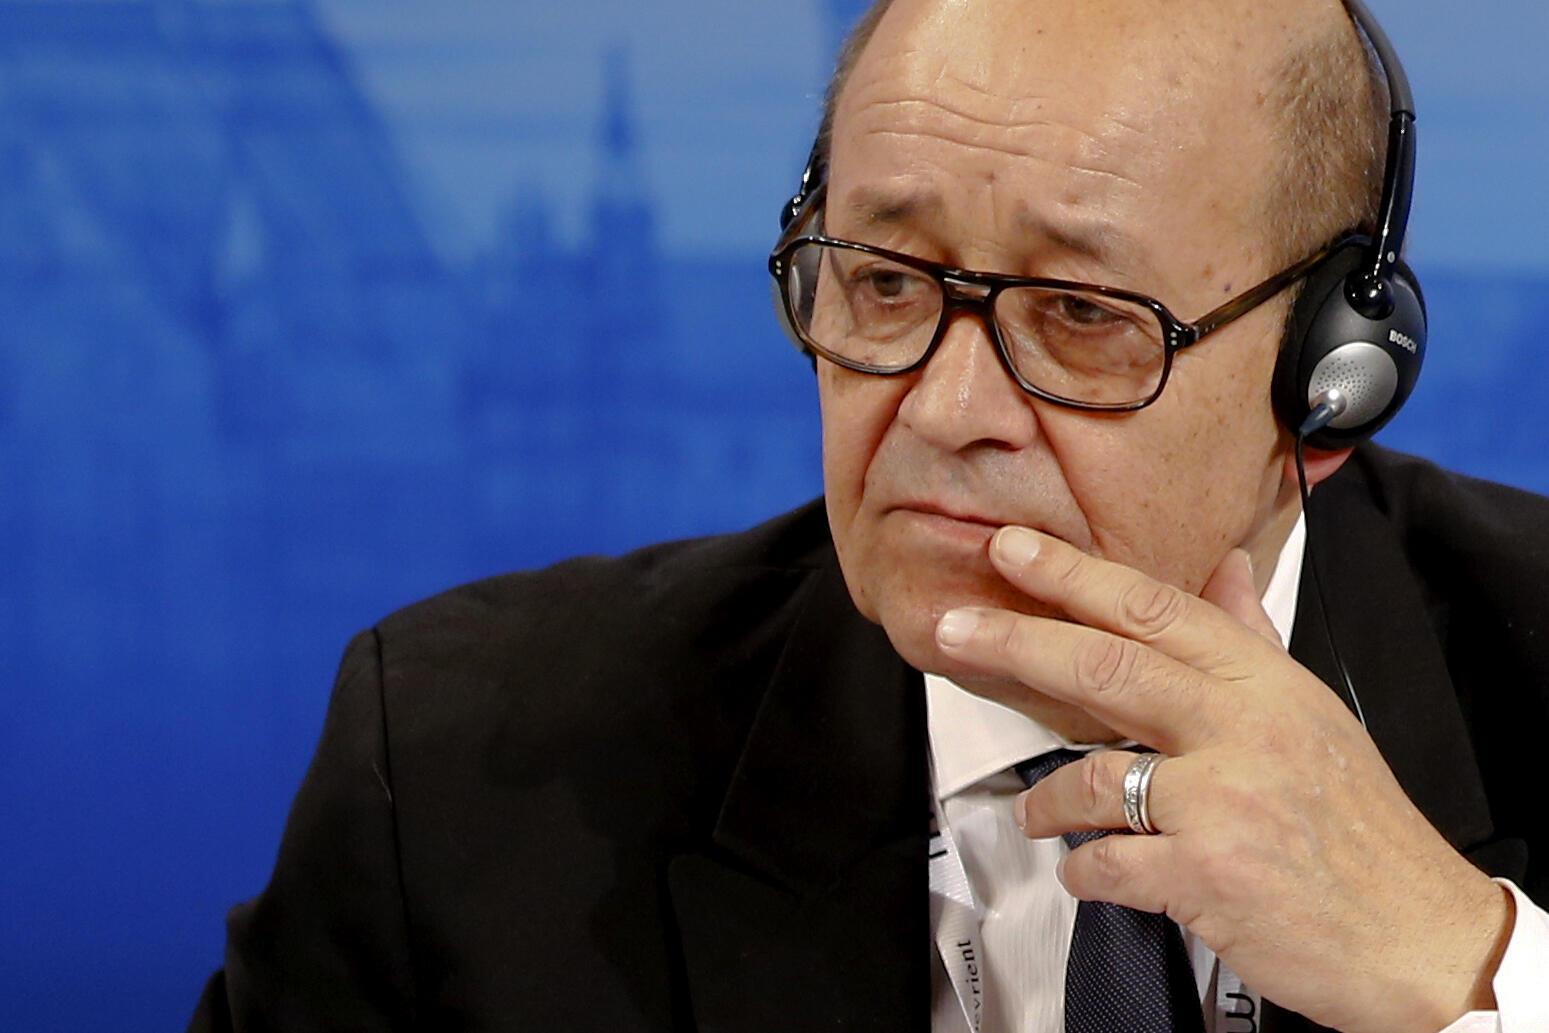 Ministan harkokin wajen Faransa Jean Yves Le Drian